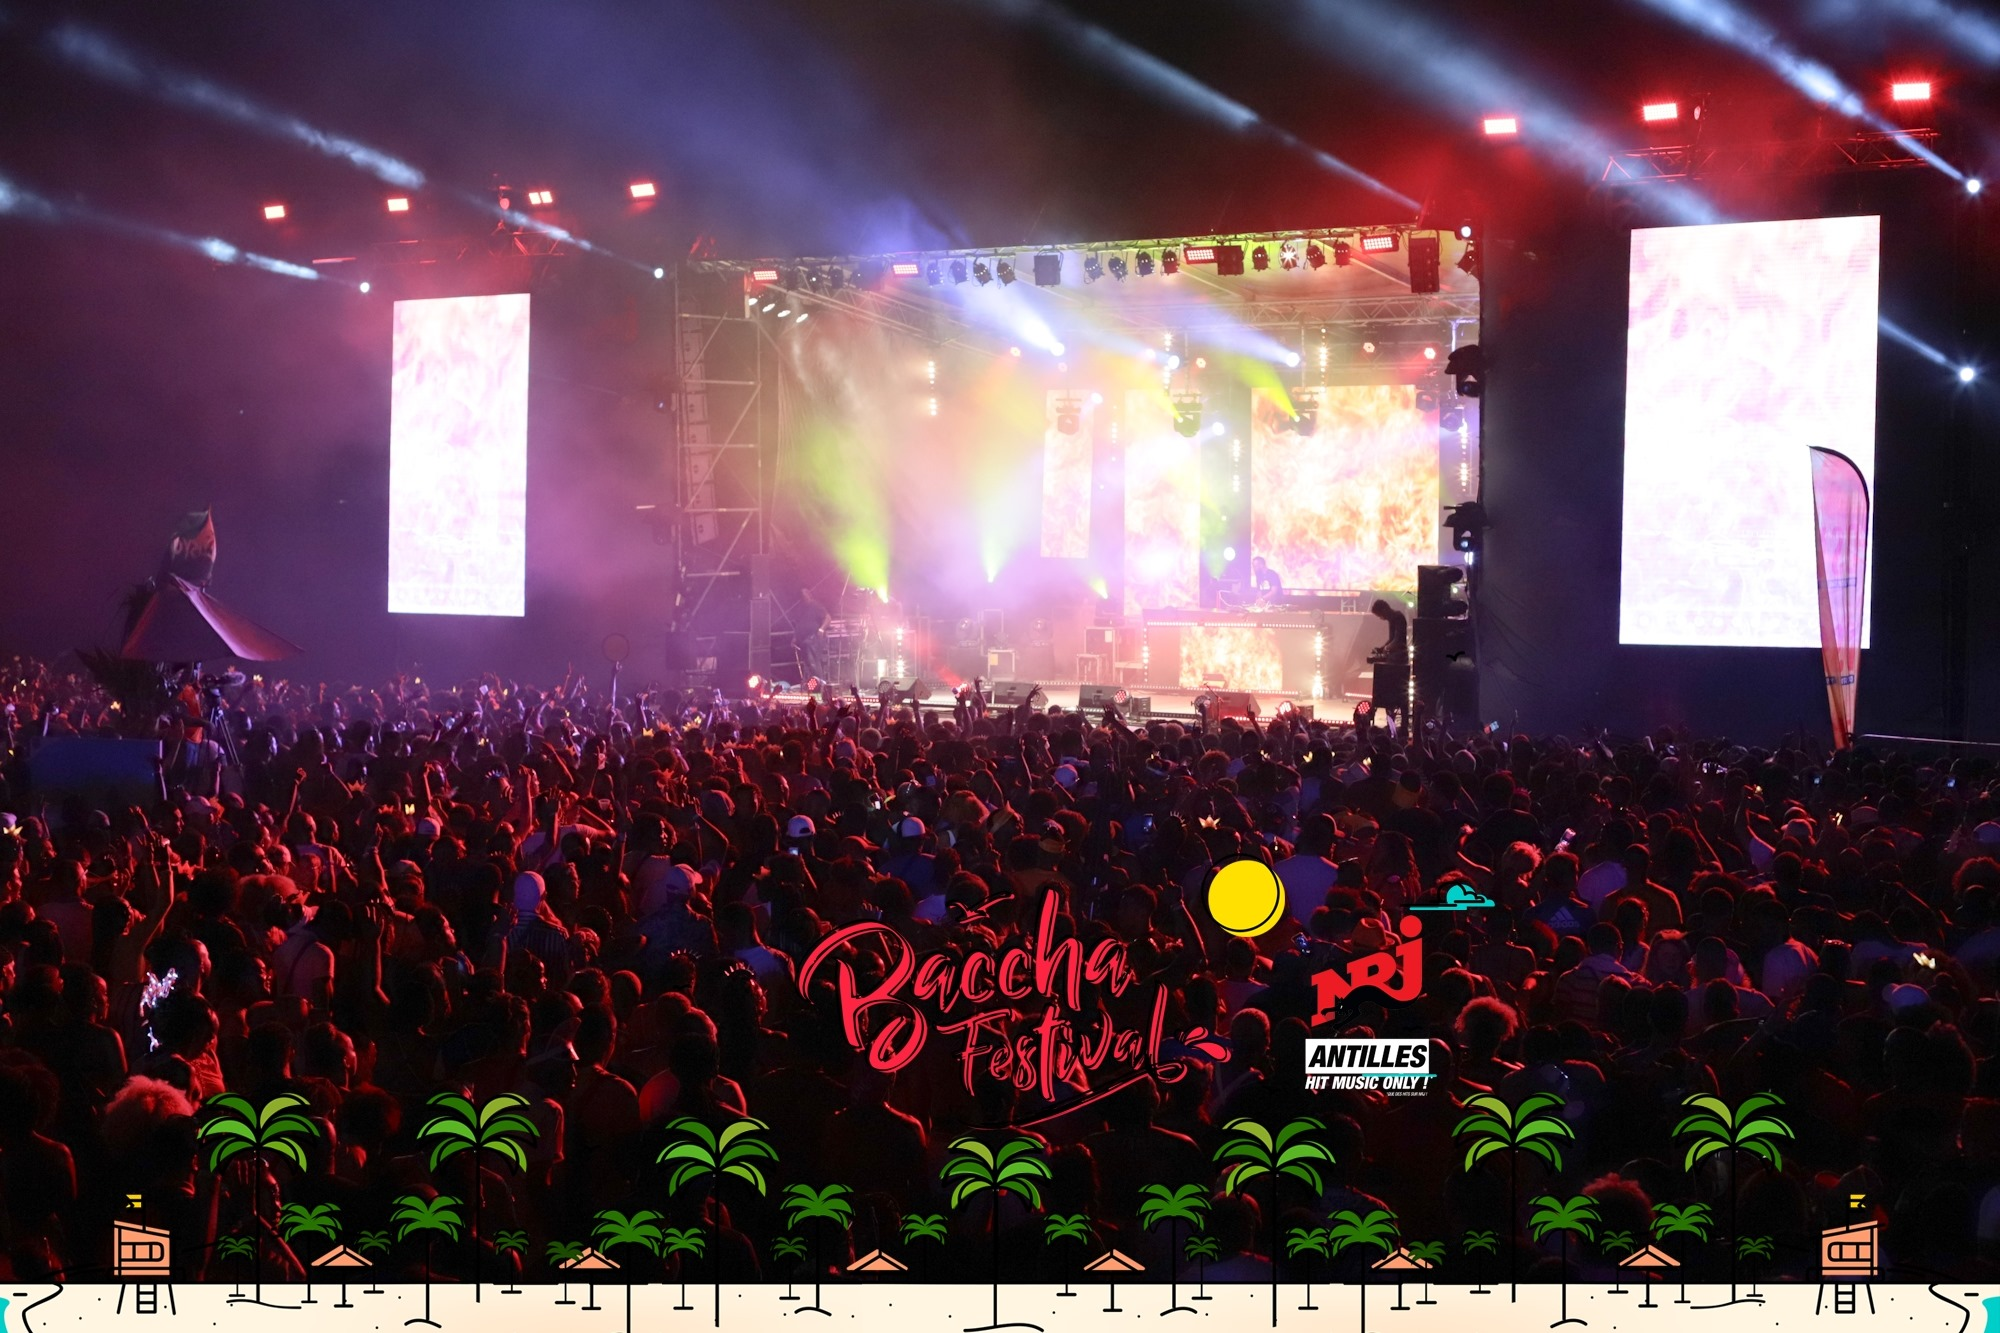 BACCHA FESTIVAL 2019